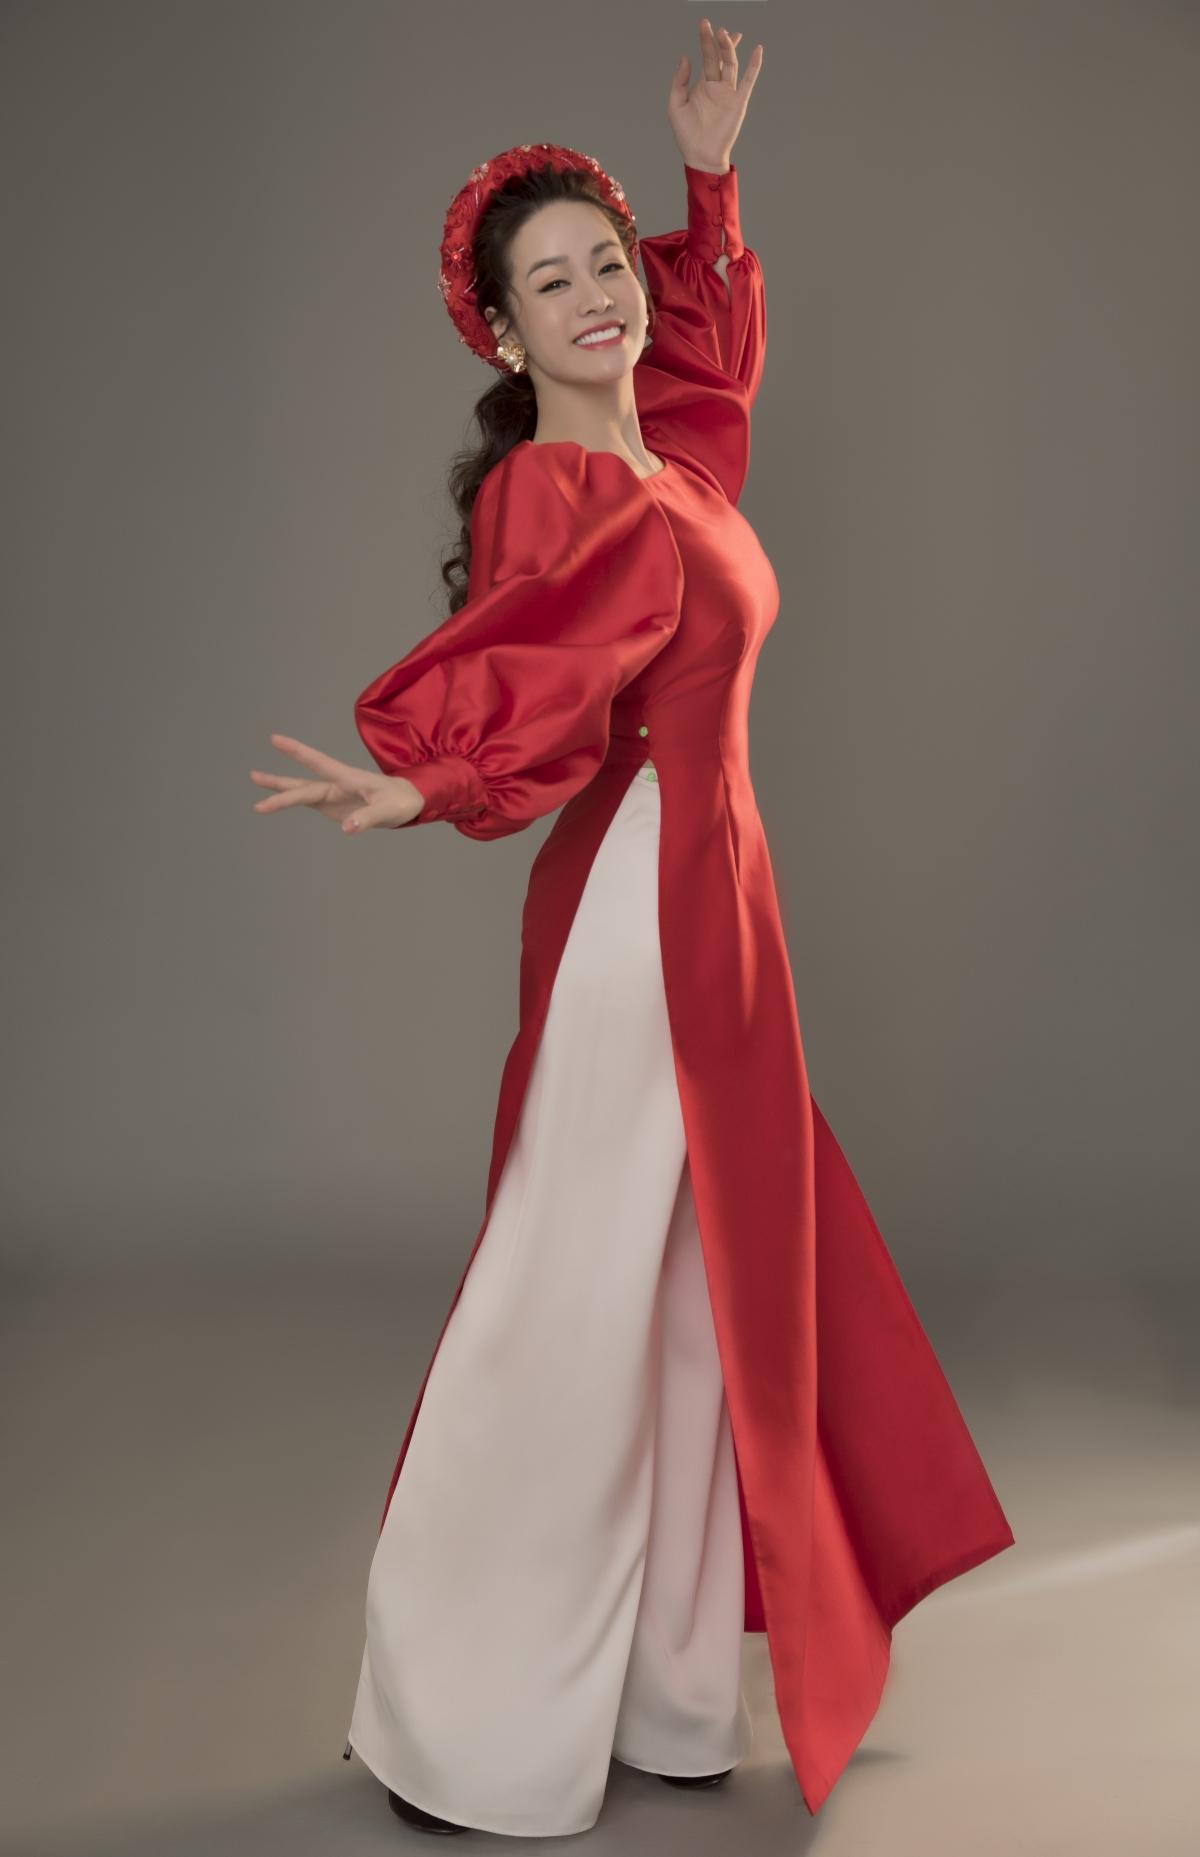 Bước sang tuổi 35 thế nhưng nhan sắc của Nhật Kim Anh luôn được khen ngợi là trẻ trung xinh đẹp, thậm chí cô còn thường xuyên đảm nhận những vai diễn thiếu nữ tuổi đôi mươi.